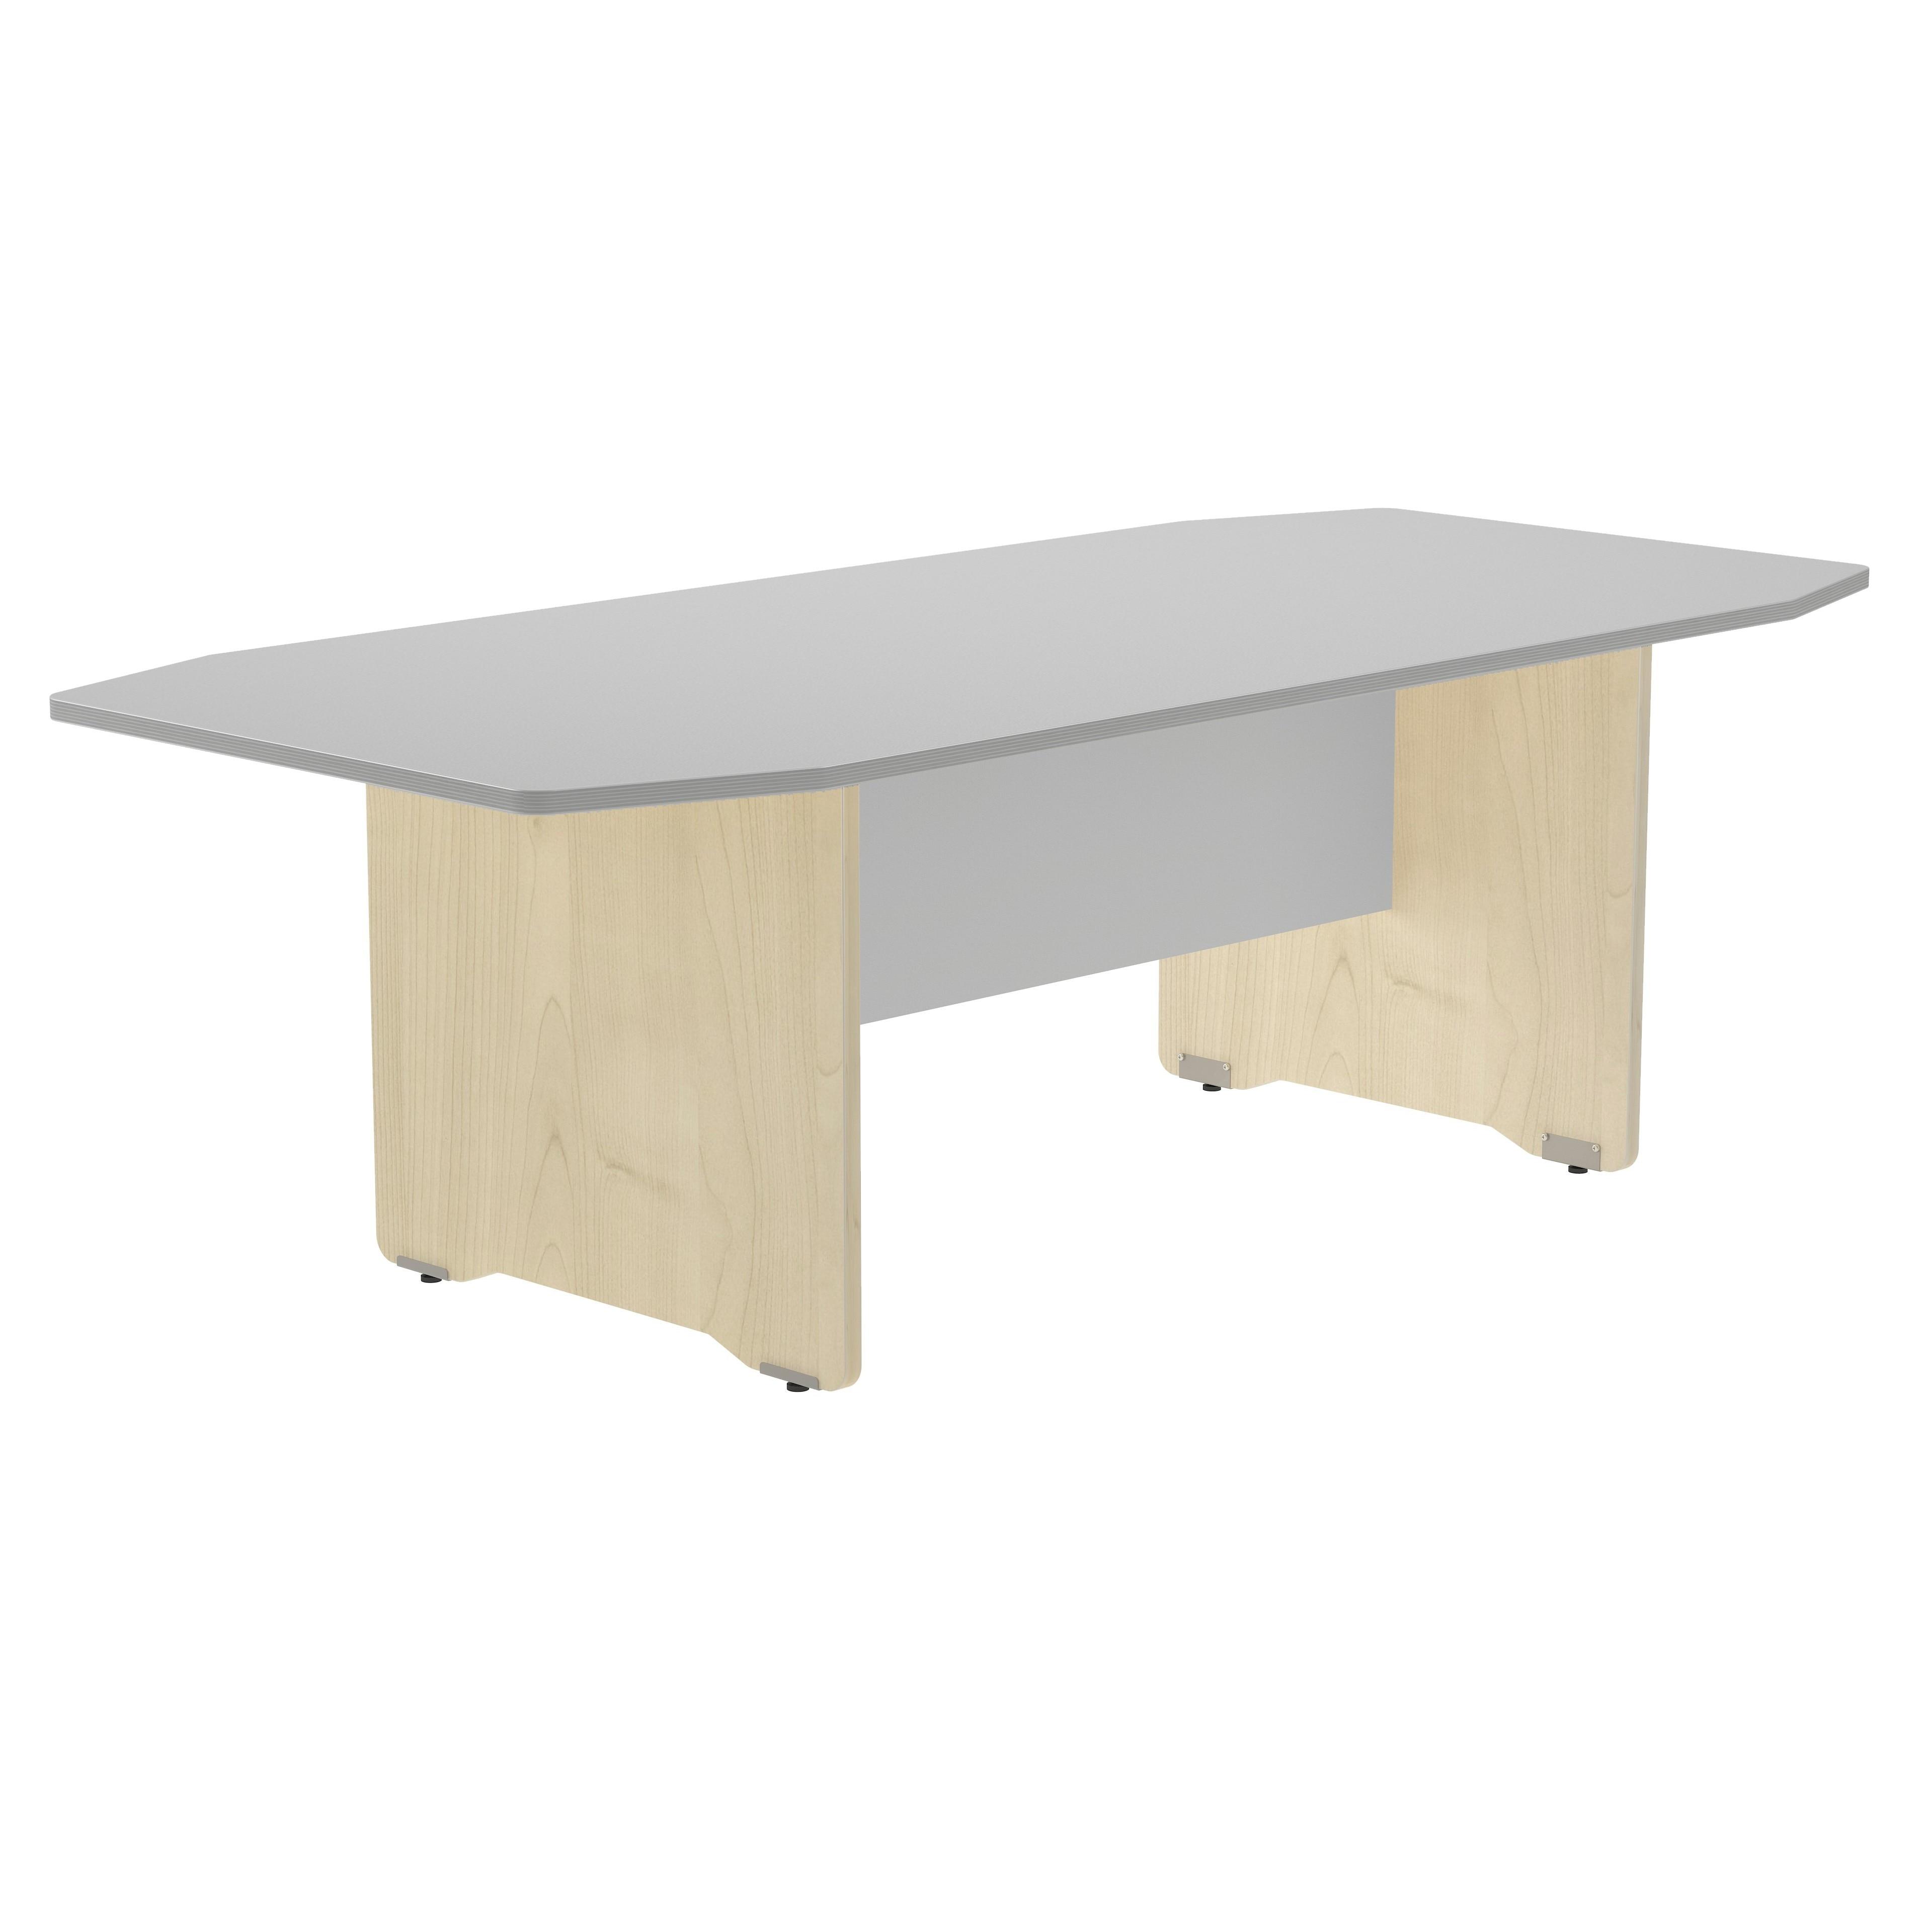 TABLE MEETING 220x100x72CM COLOR: LEG BEECH/DASH GREY